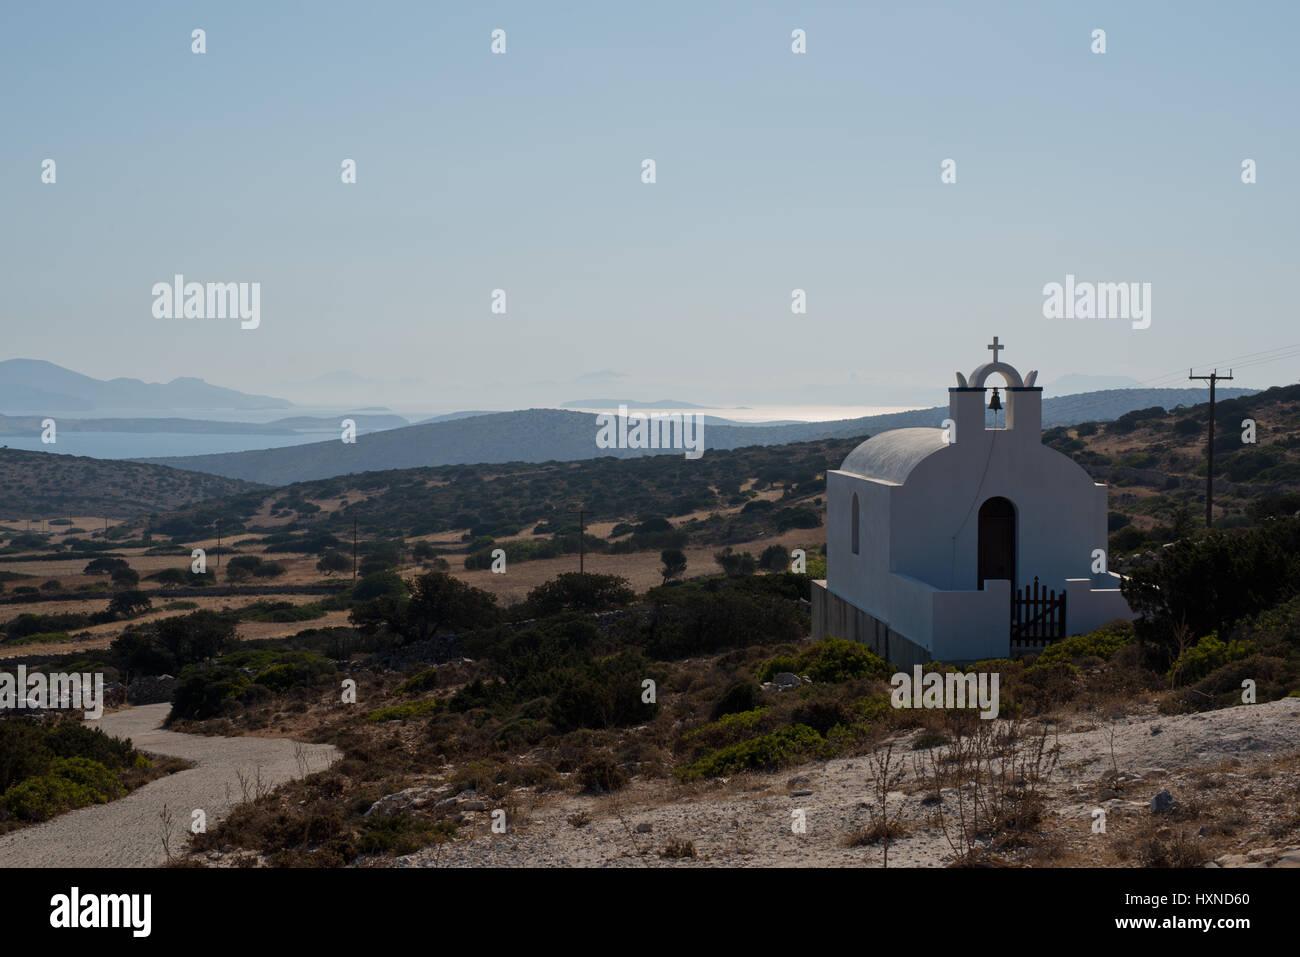 Blick über eine Kapelle auf die Hügel der Insel Iraklia, kleine Kykladen, Griechenland - Stock Image